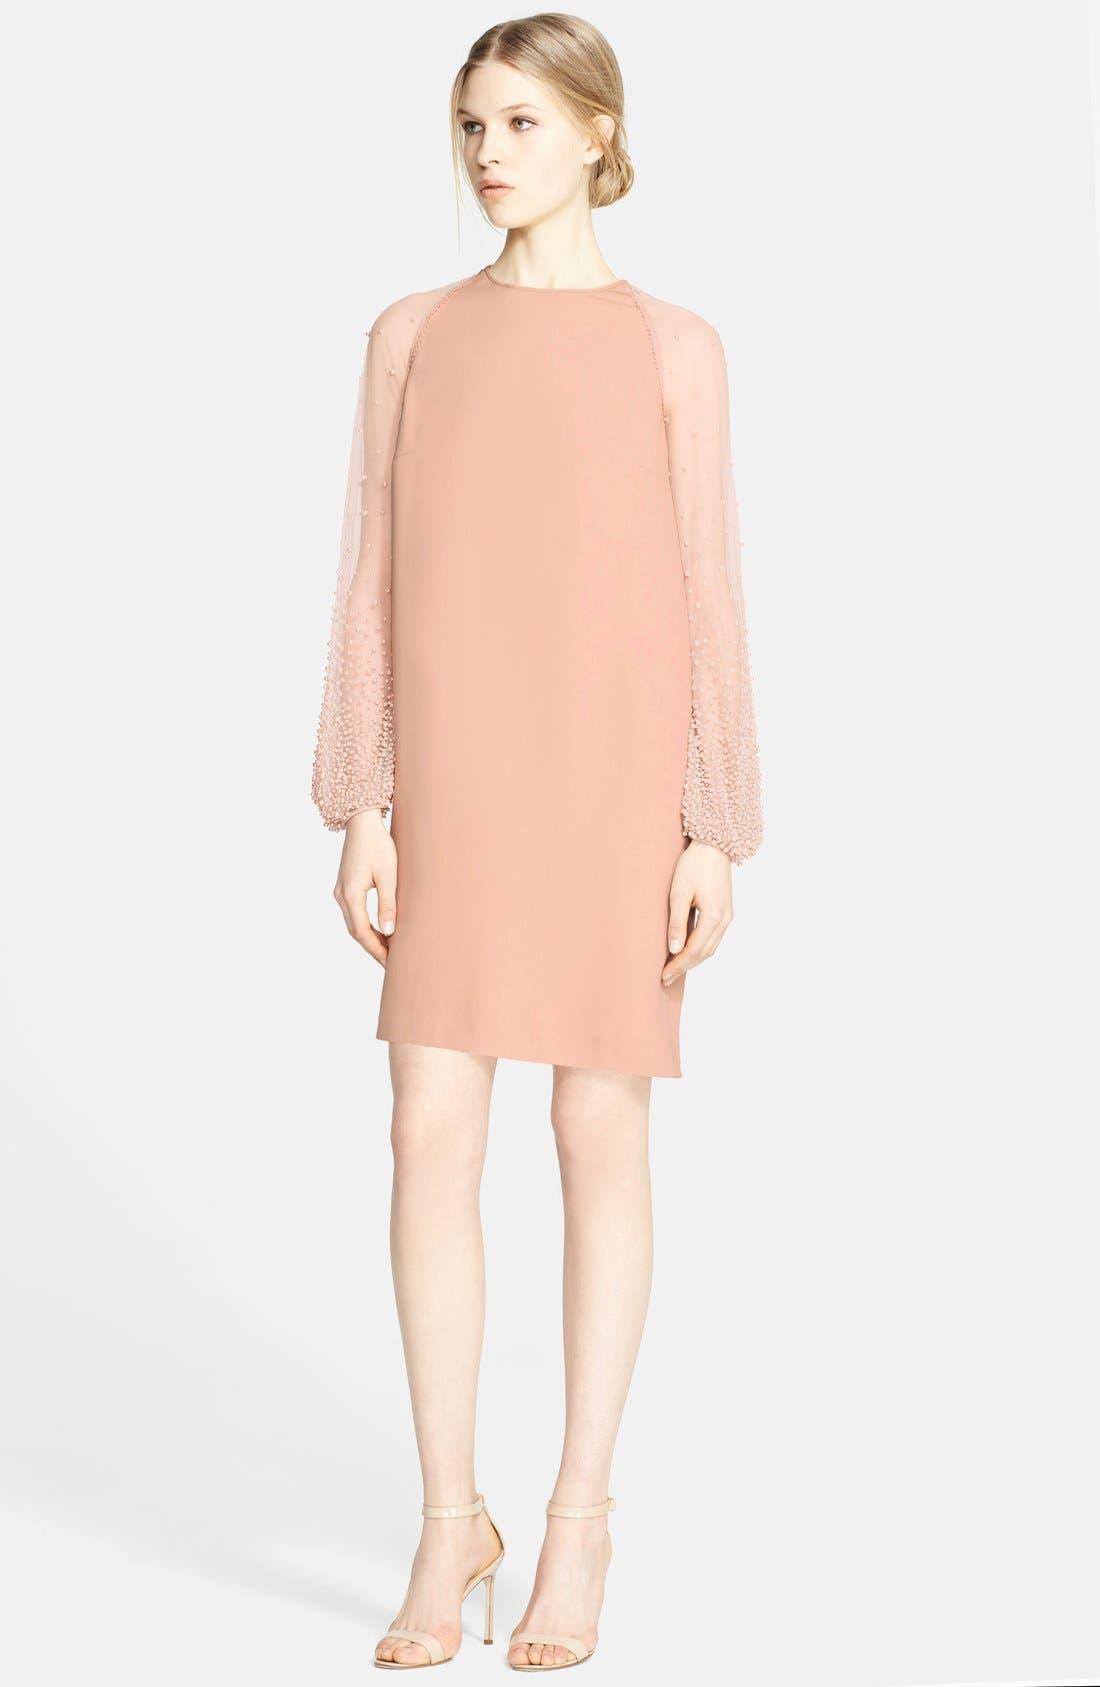 Alternate Image 1 Selected - Naeem Khan Silk Georgette Dress with Hand Beaded Sleeves